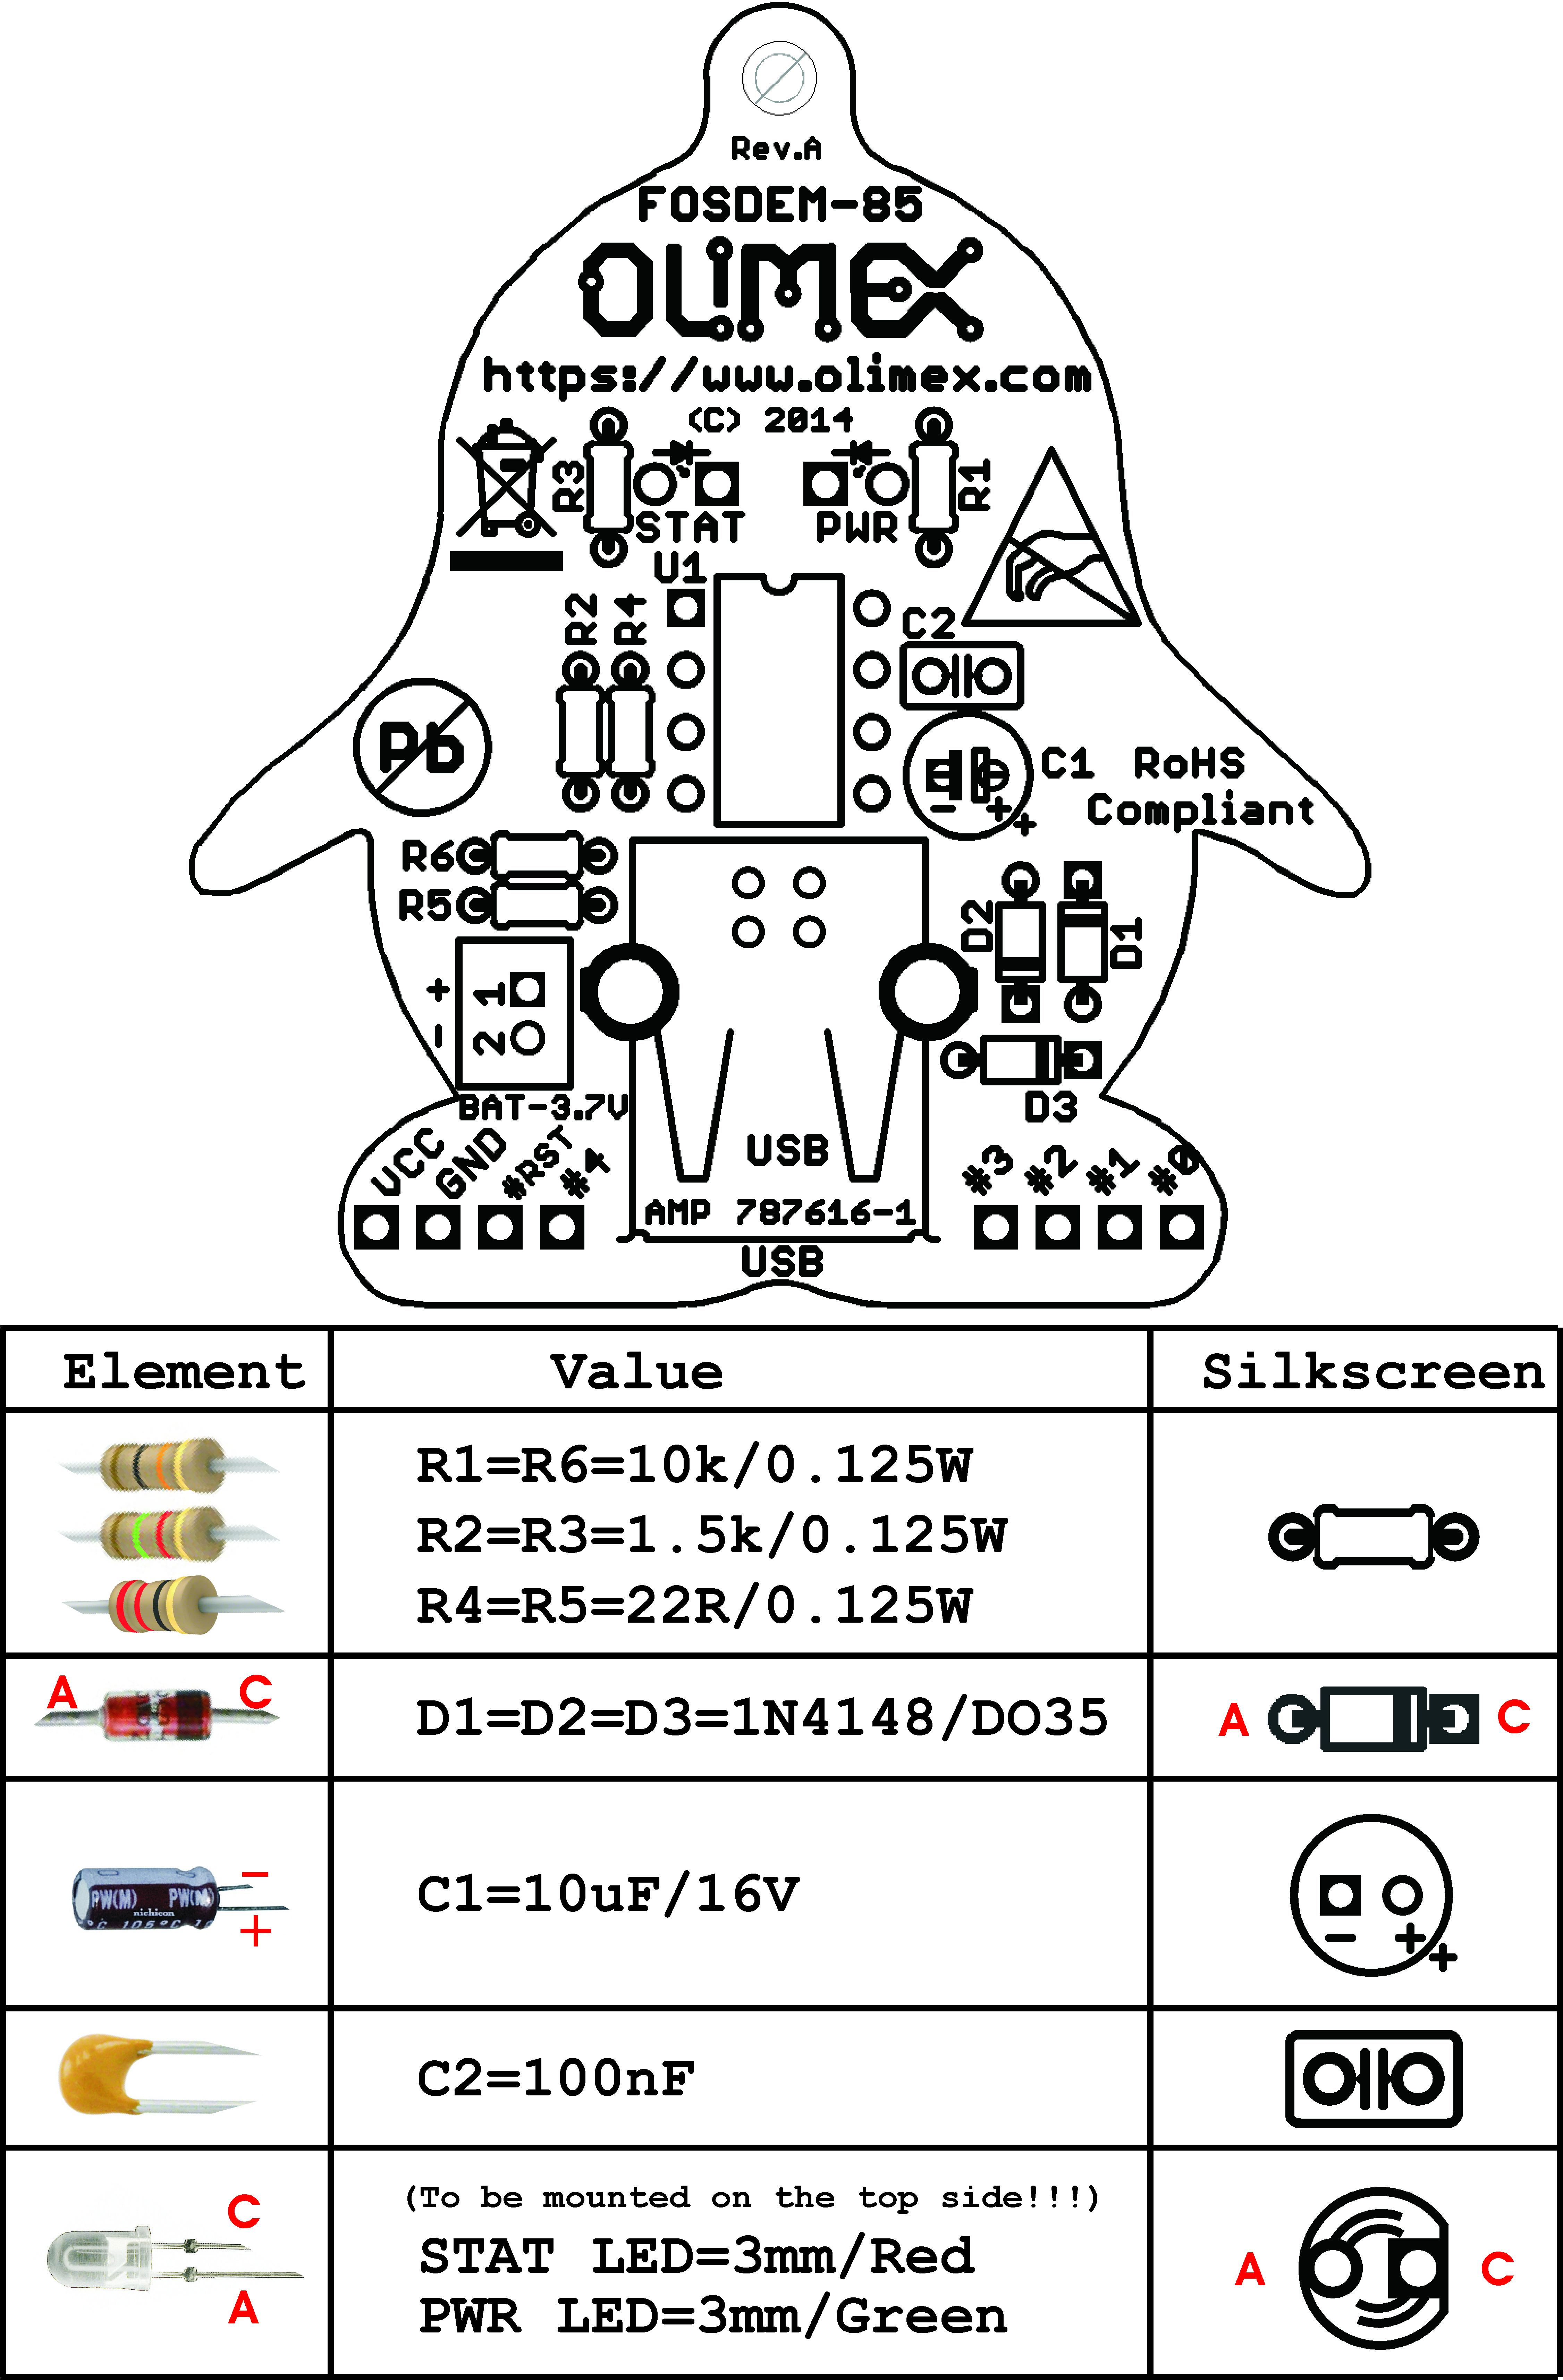 FOSDEM-85 Olimex LTD | Development Boards, Kits, Programmers | DigiKey